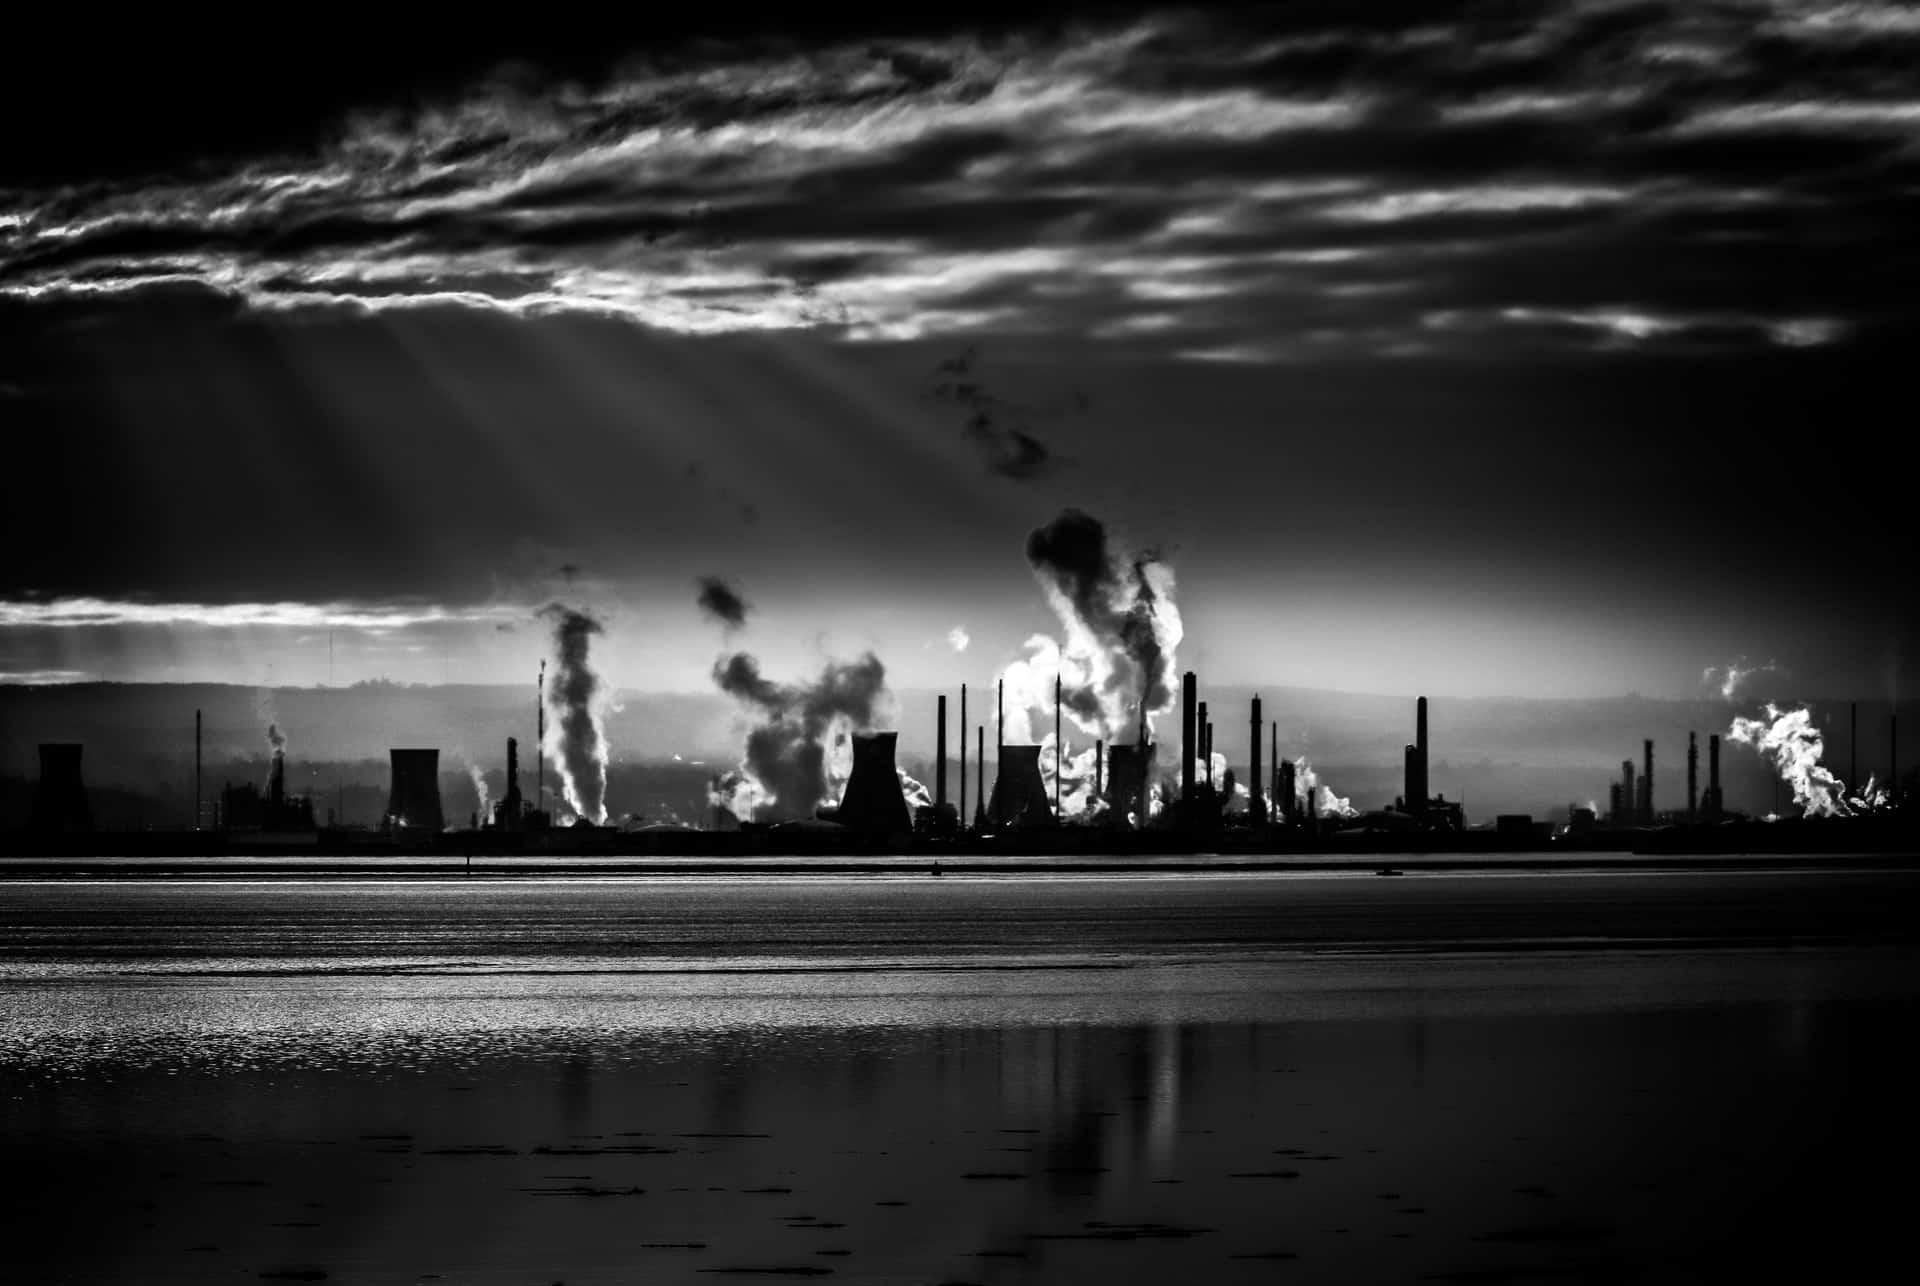 Alrededor de 80 países se comprometieron a tomar medidas para reducir los gases de efecto invernadero